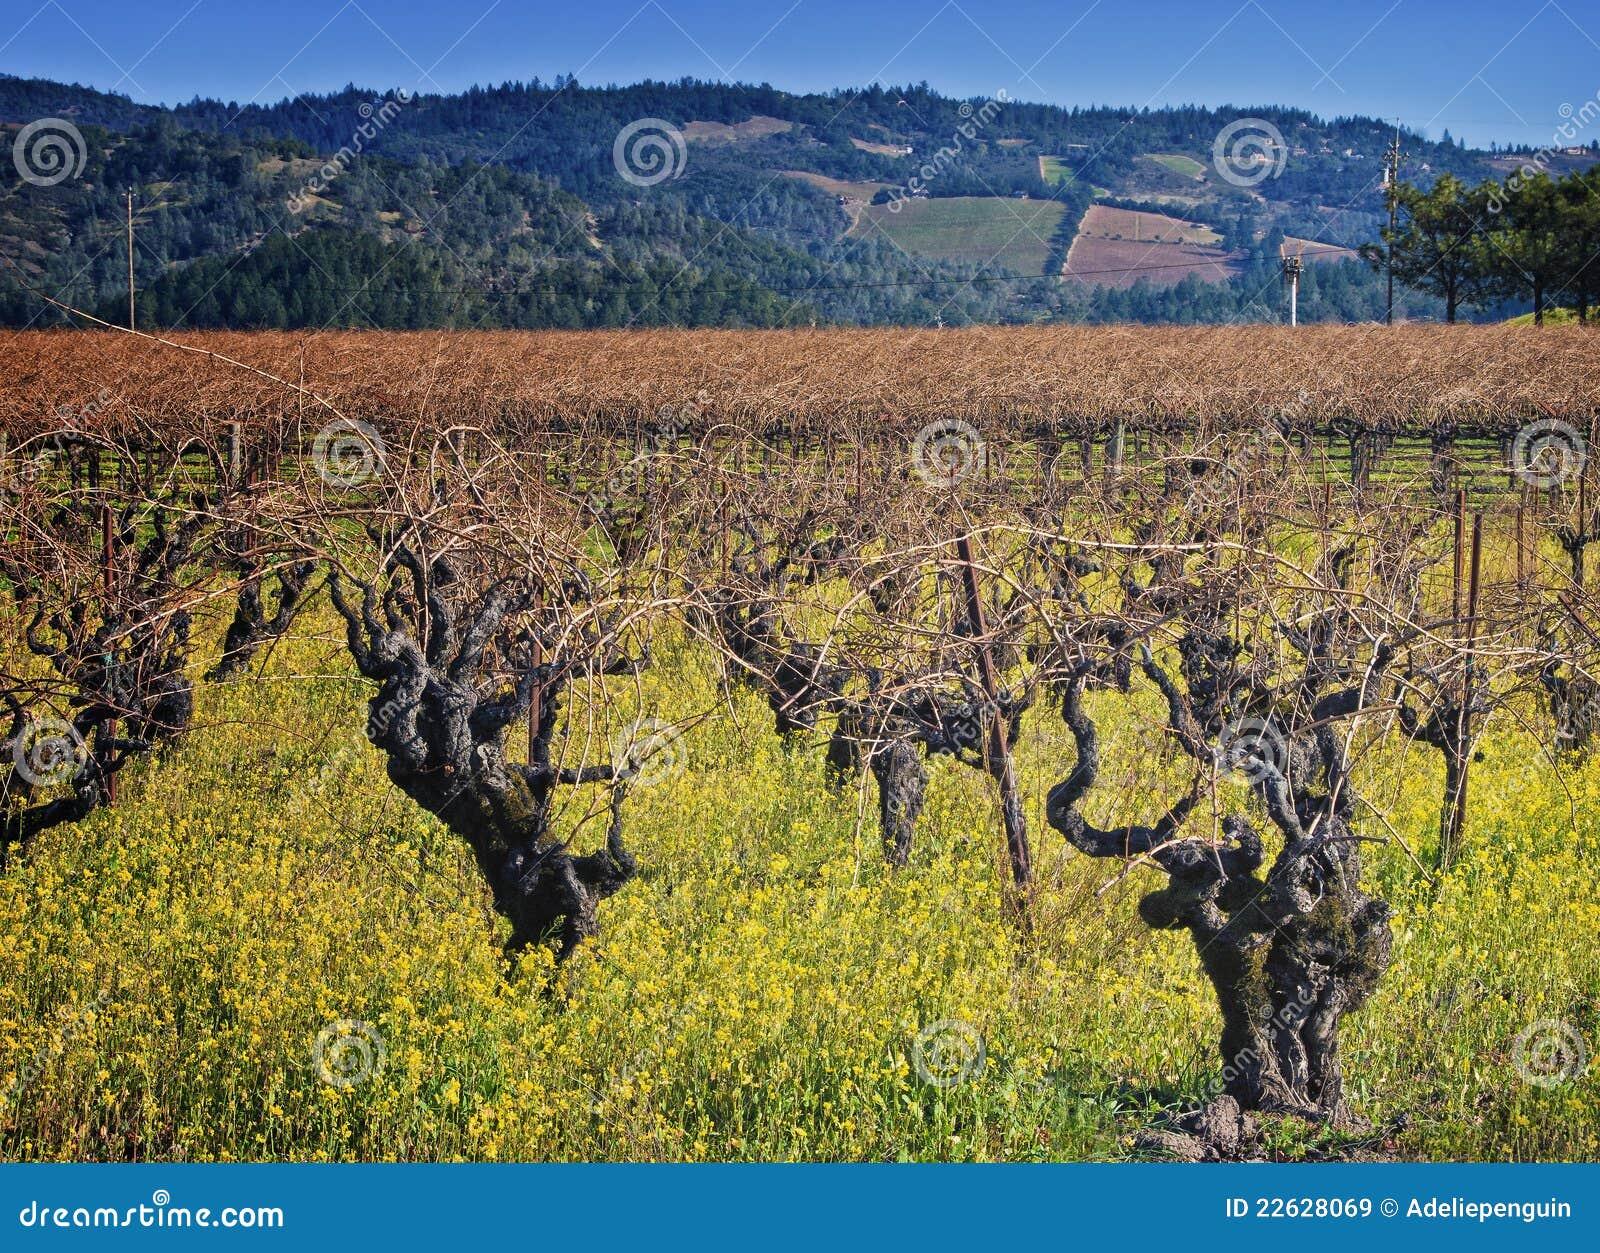 Fiori Gialli Vino.Vigna Del Napa Valley Paese Di Vino California Immagine Stock